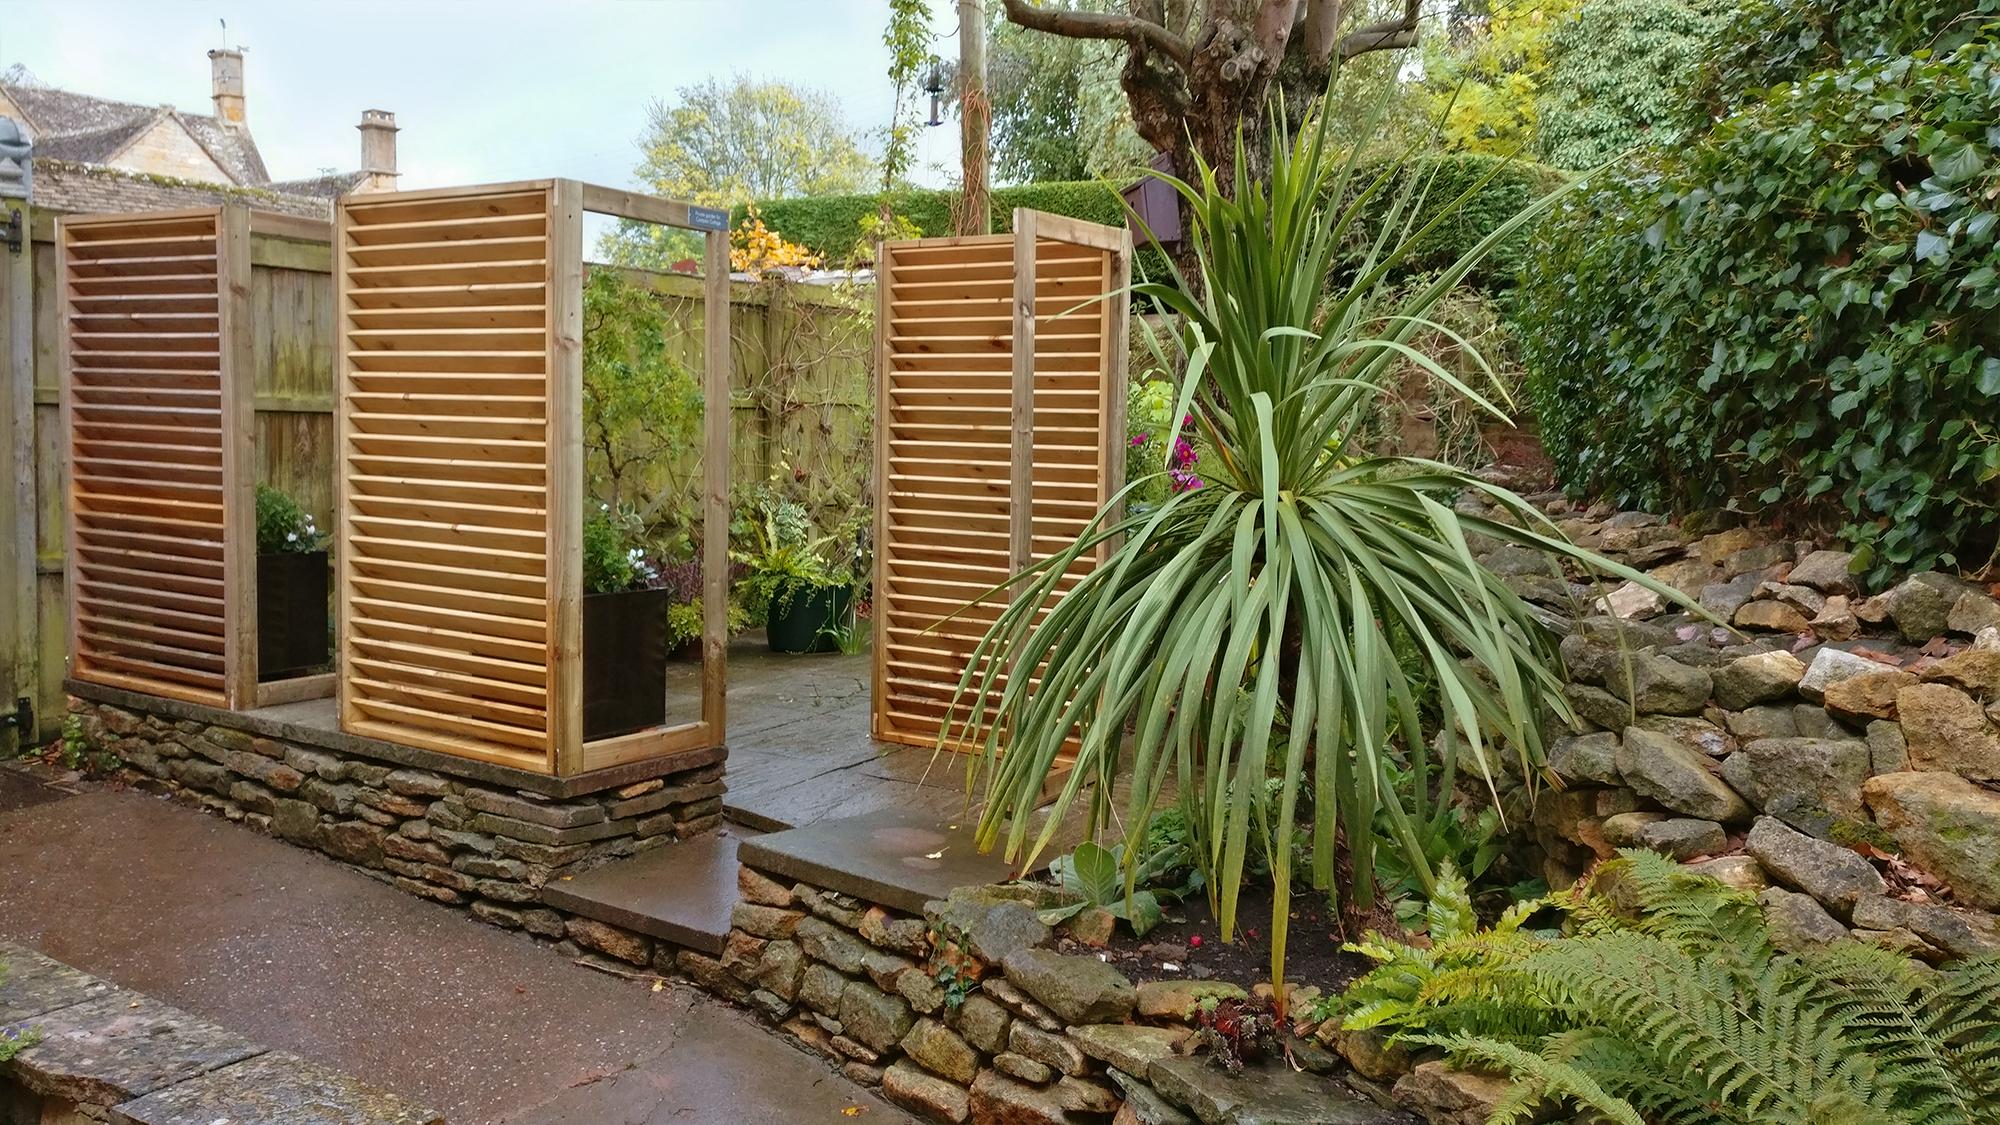 Entrance to rear patio garden